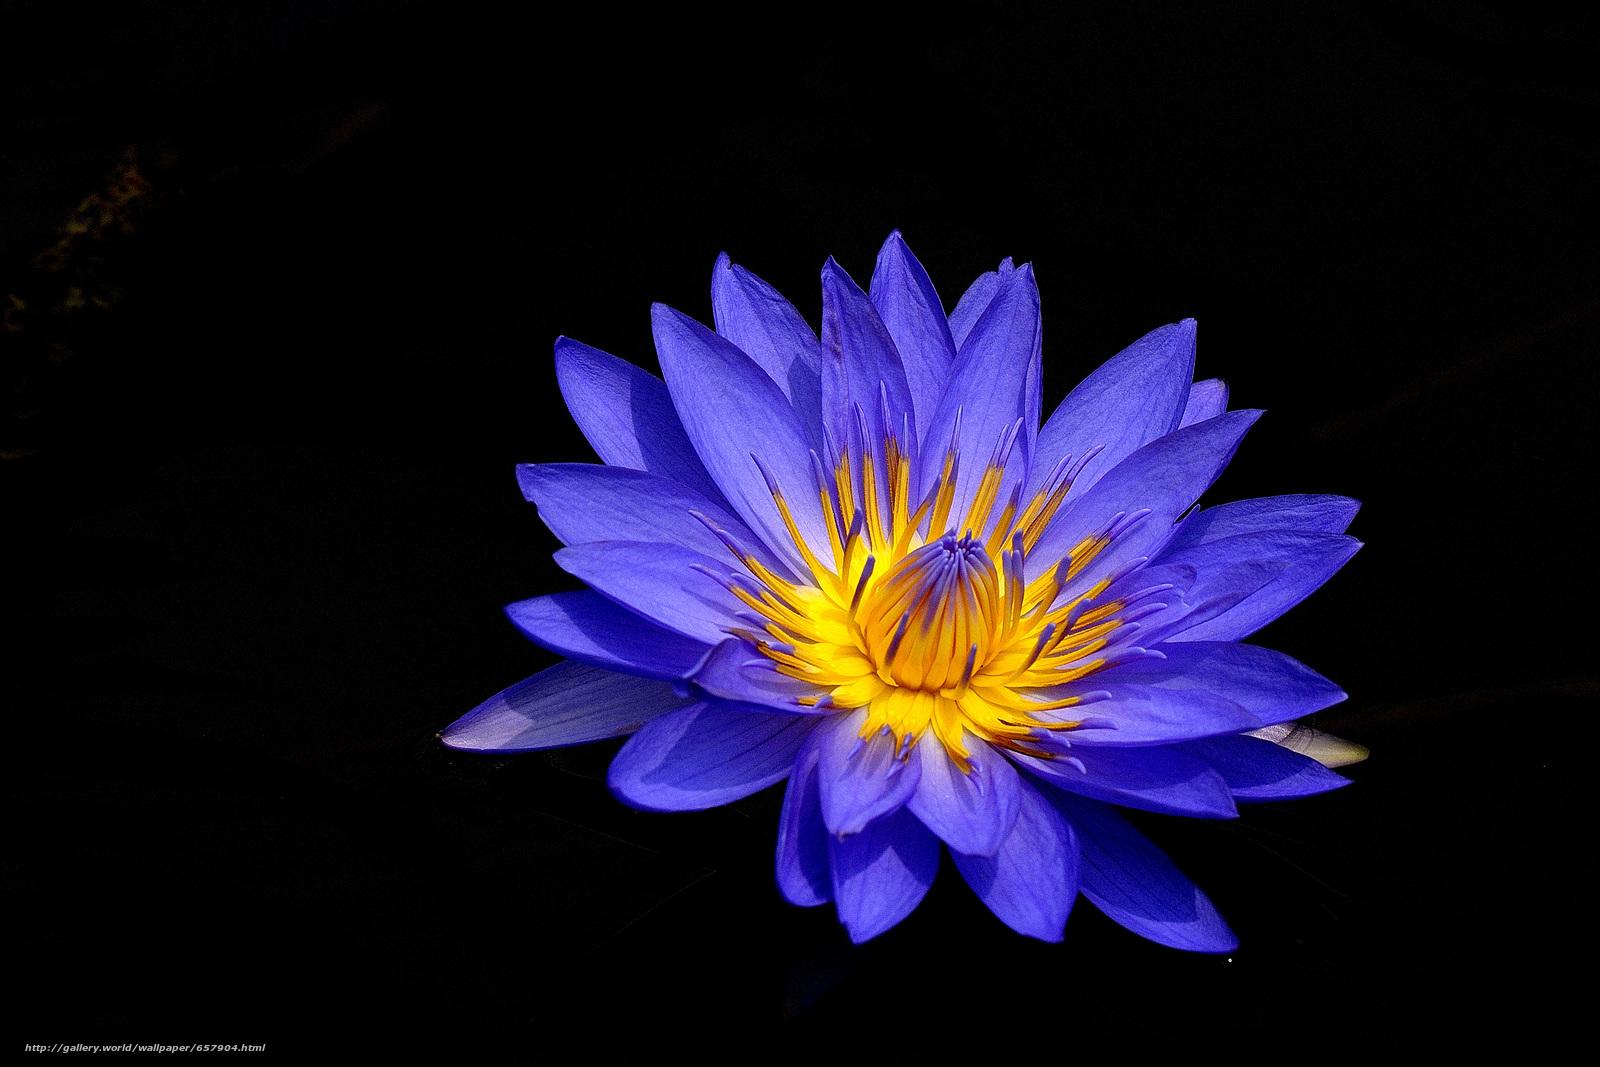 Скачать обои водяная лилия,  водяные лилии,  цветы,  флора бесплатно для рабочего стола в разрешении 3882x2588 — картинка №657904